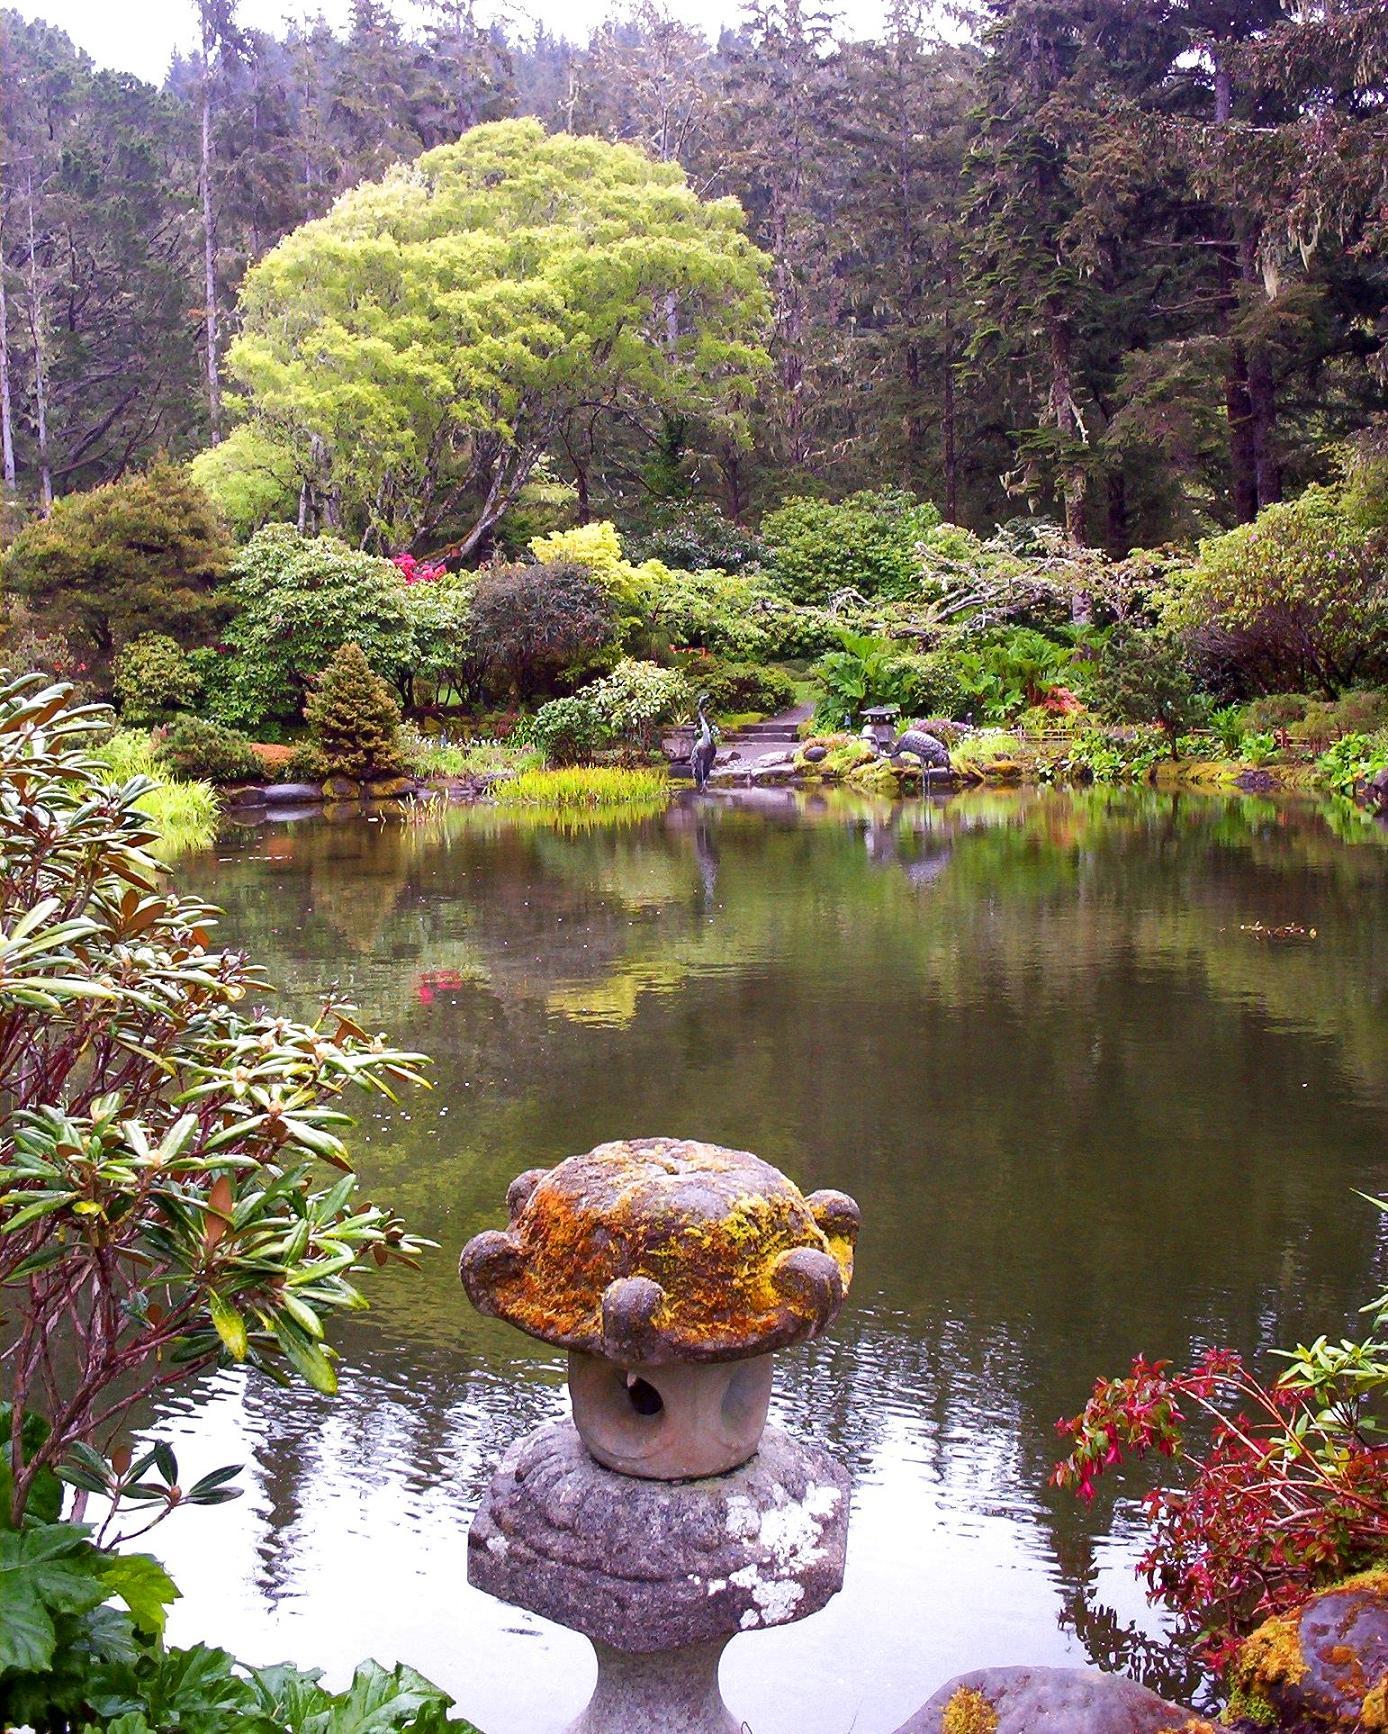 Japanese koi pond 1 by shamangovannon on deviantart for Japanese koi pond